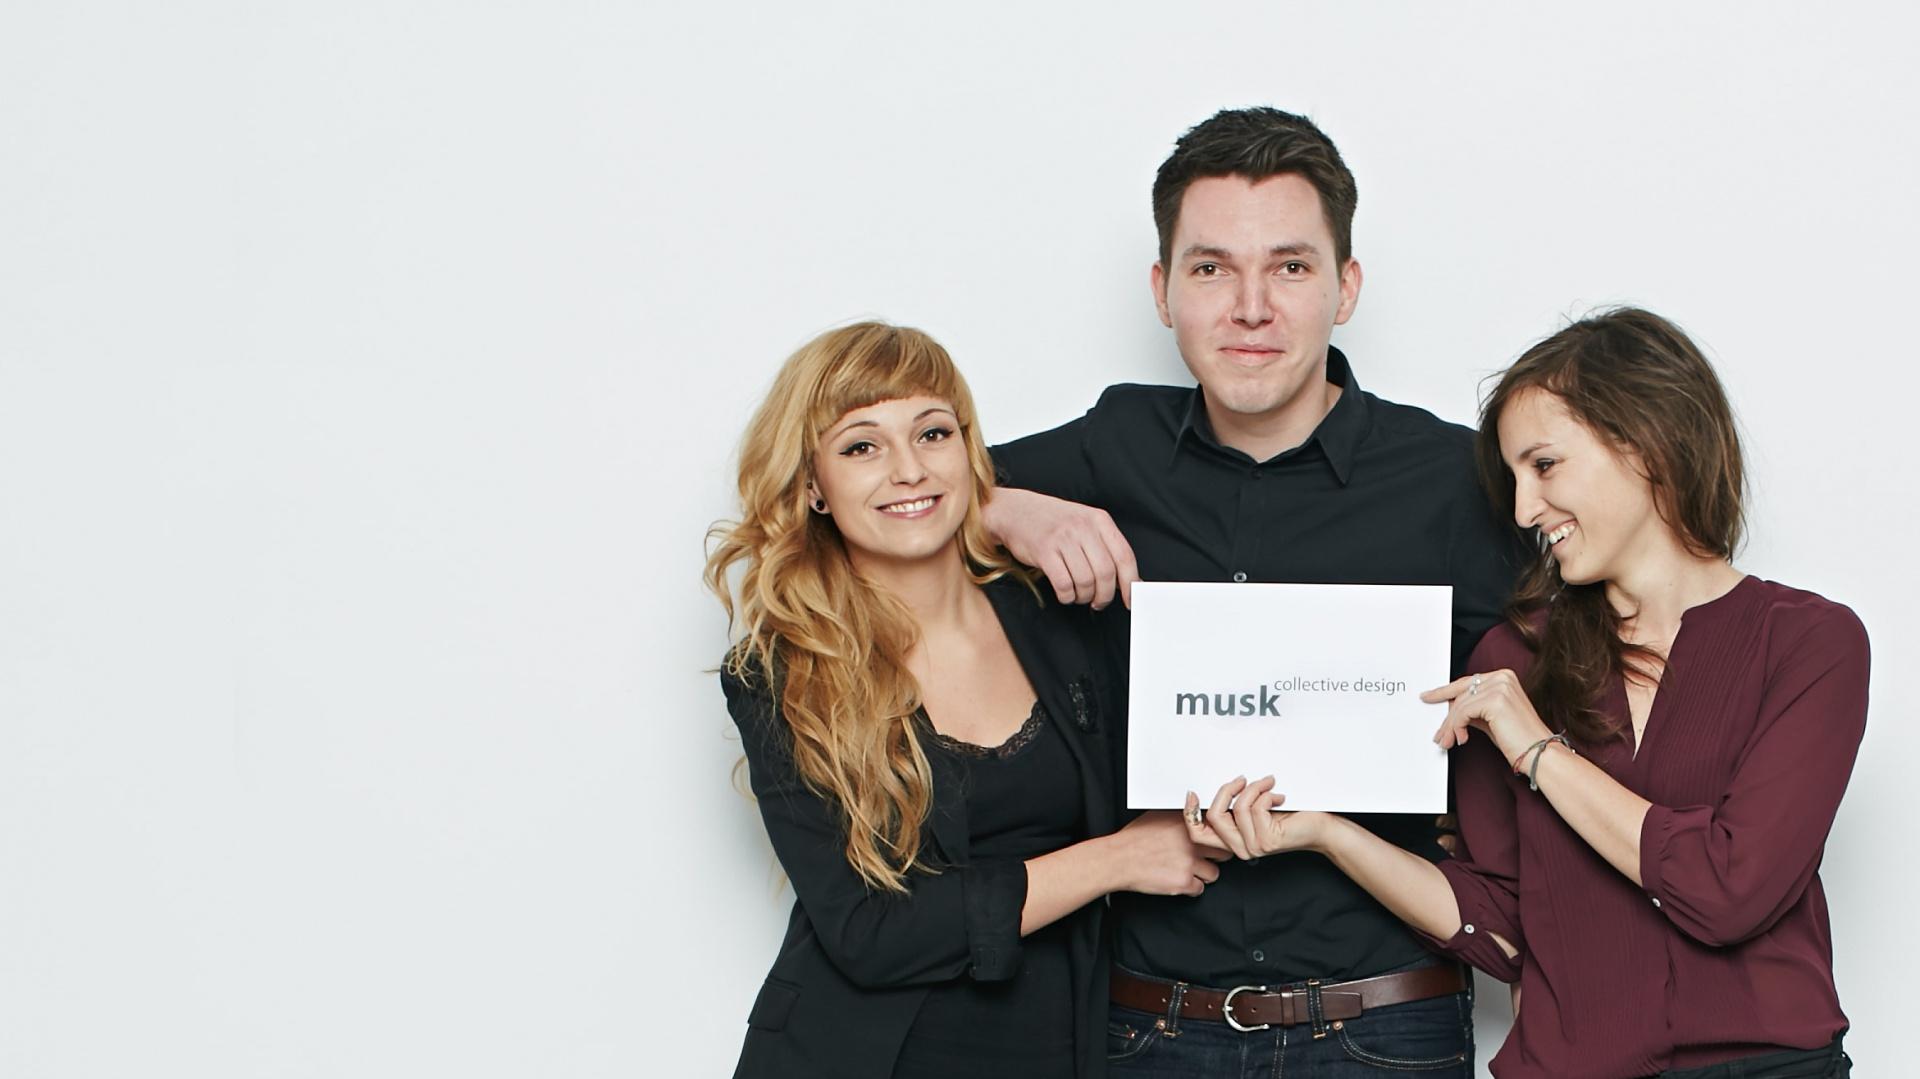 Weronika Kiersztejn, Józek Madej i Katarzyna Sąsiadek tworzą kolektyw Musk. Fot. Kolektyw Musk.